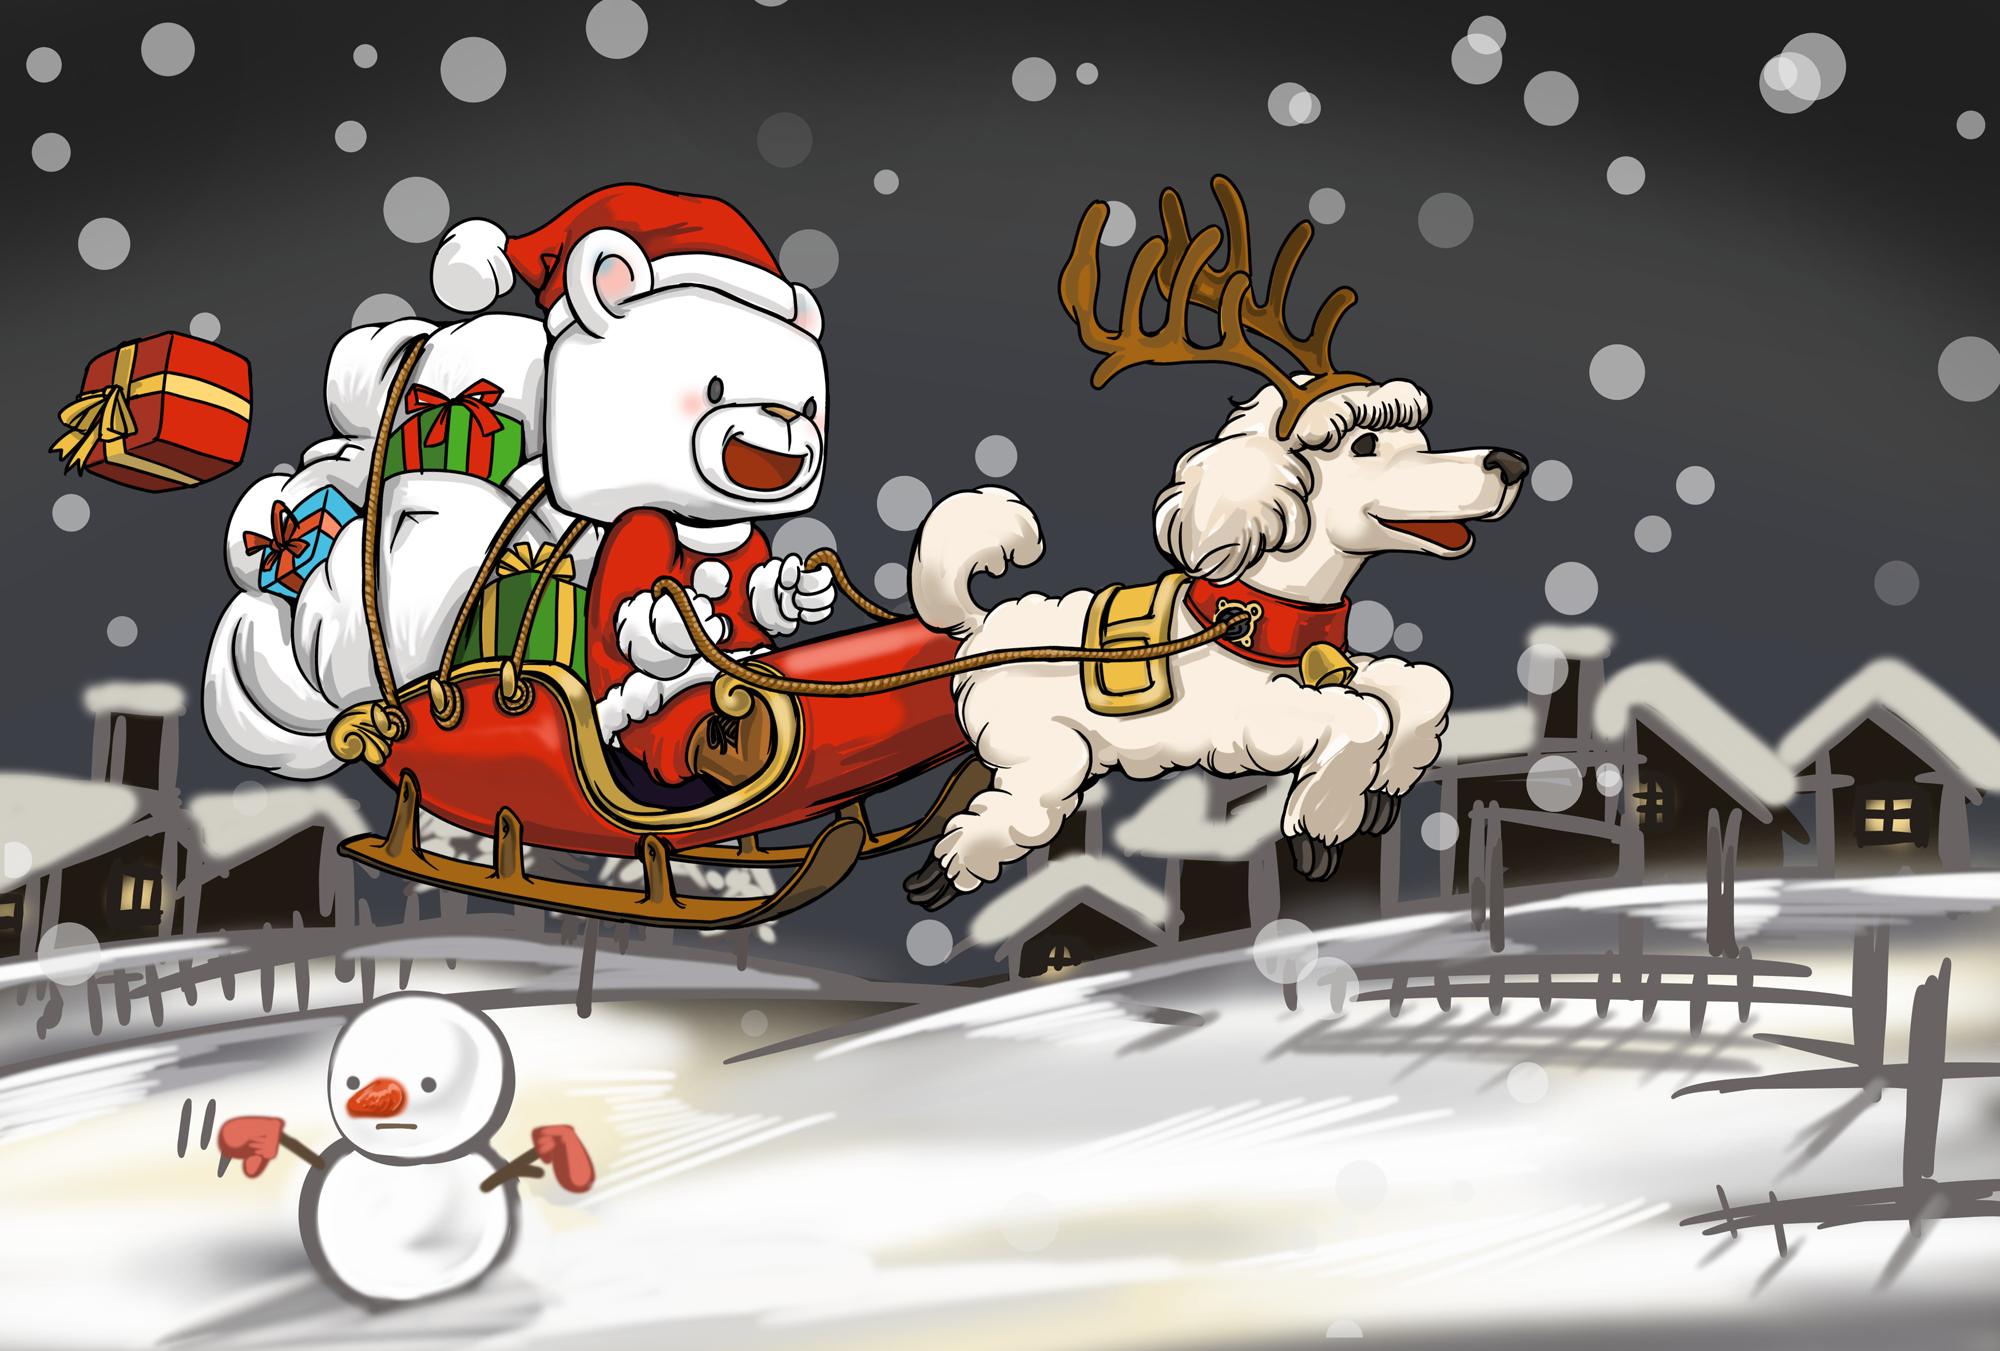 shufchef(シュフシェフ・しゅふしぇふ)クリスマスイベント